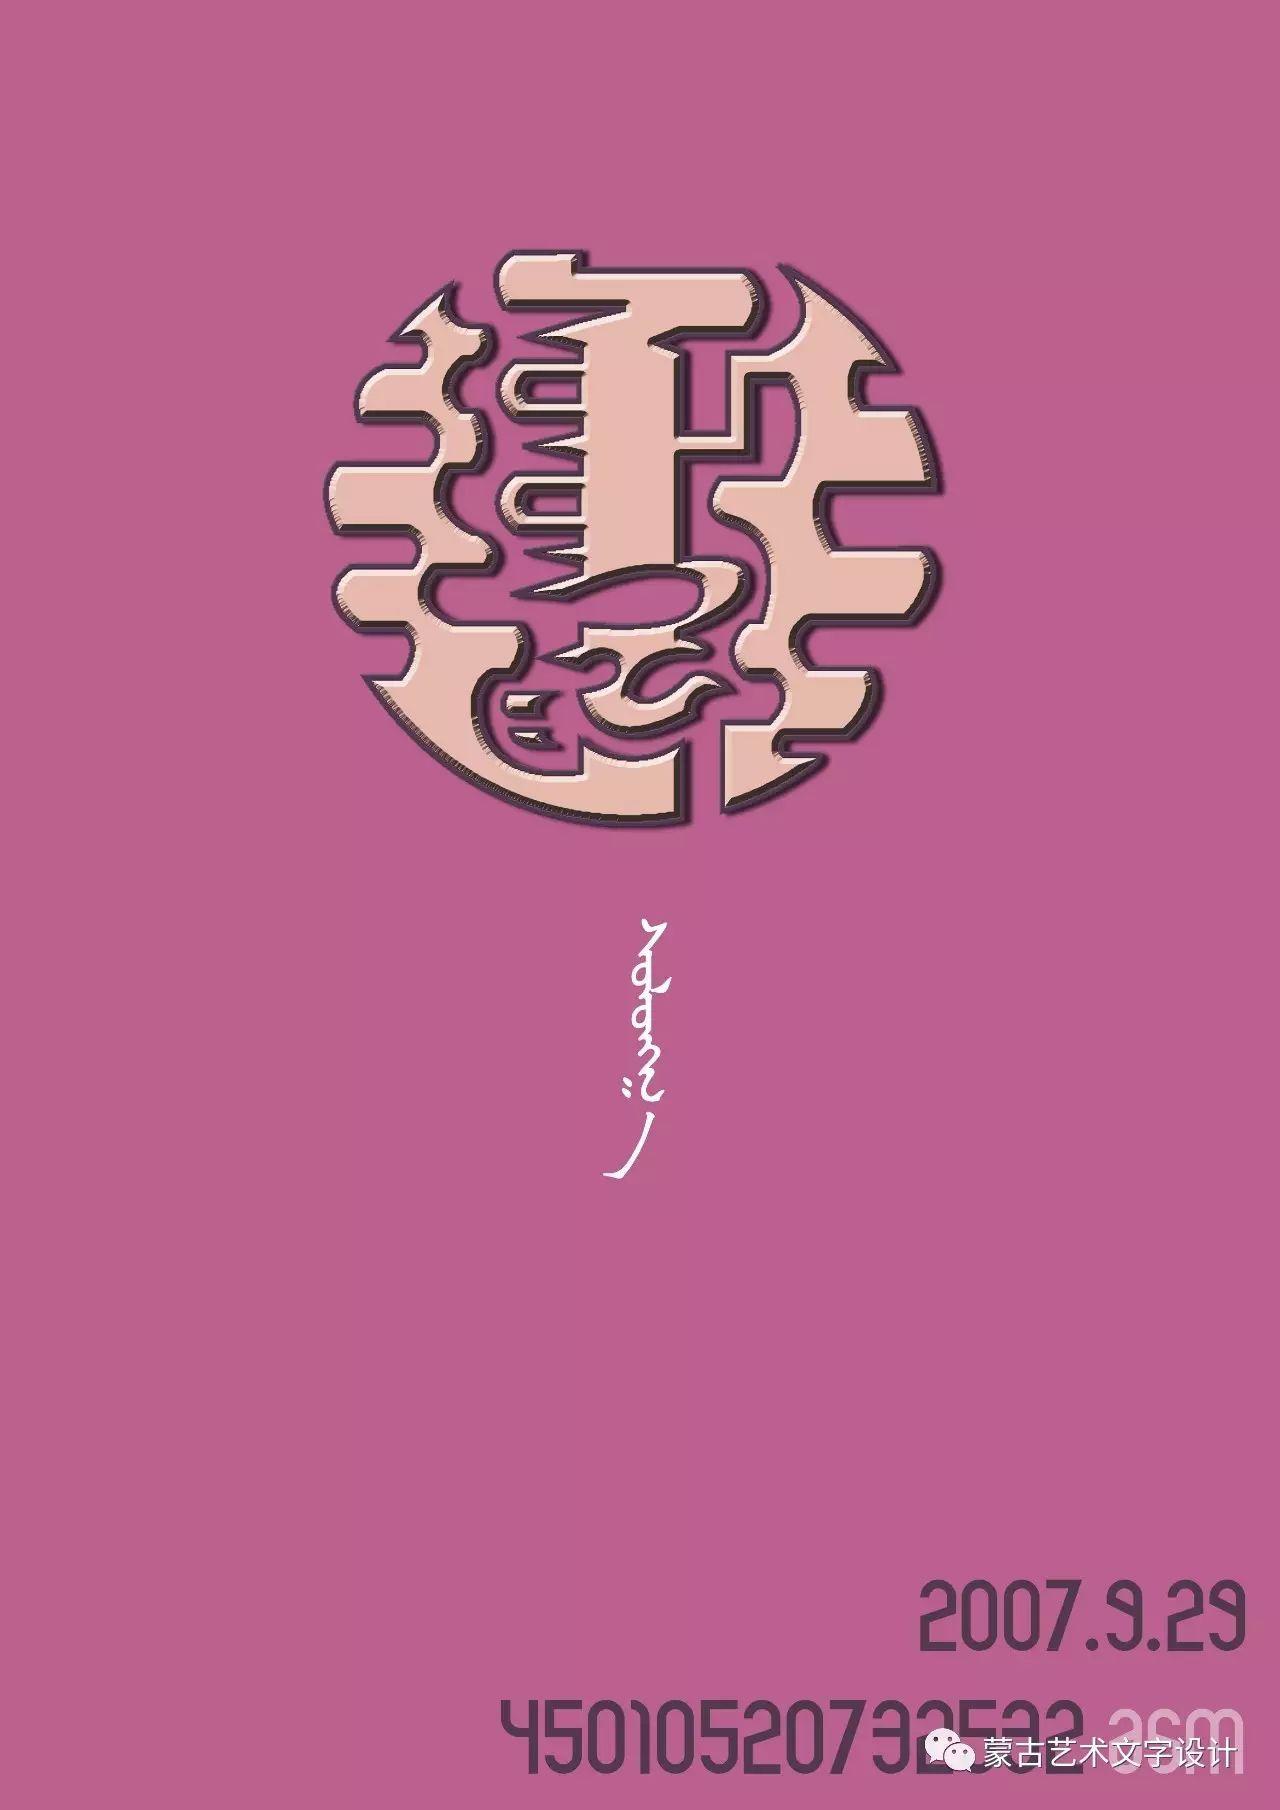 蒙古艺术文字设计 第62张